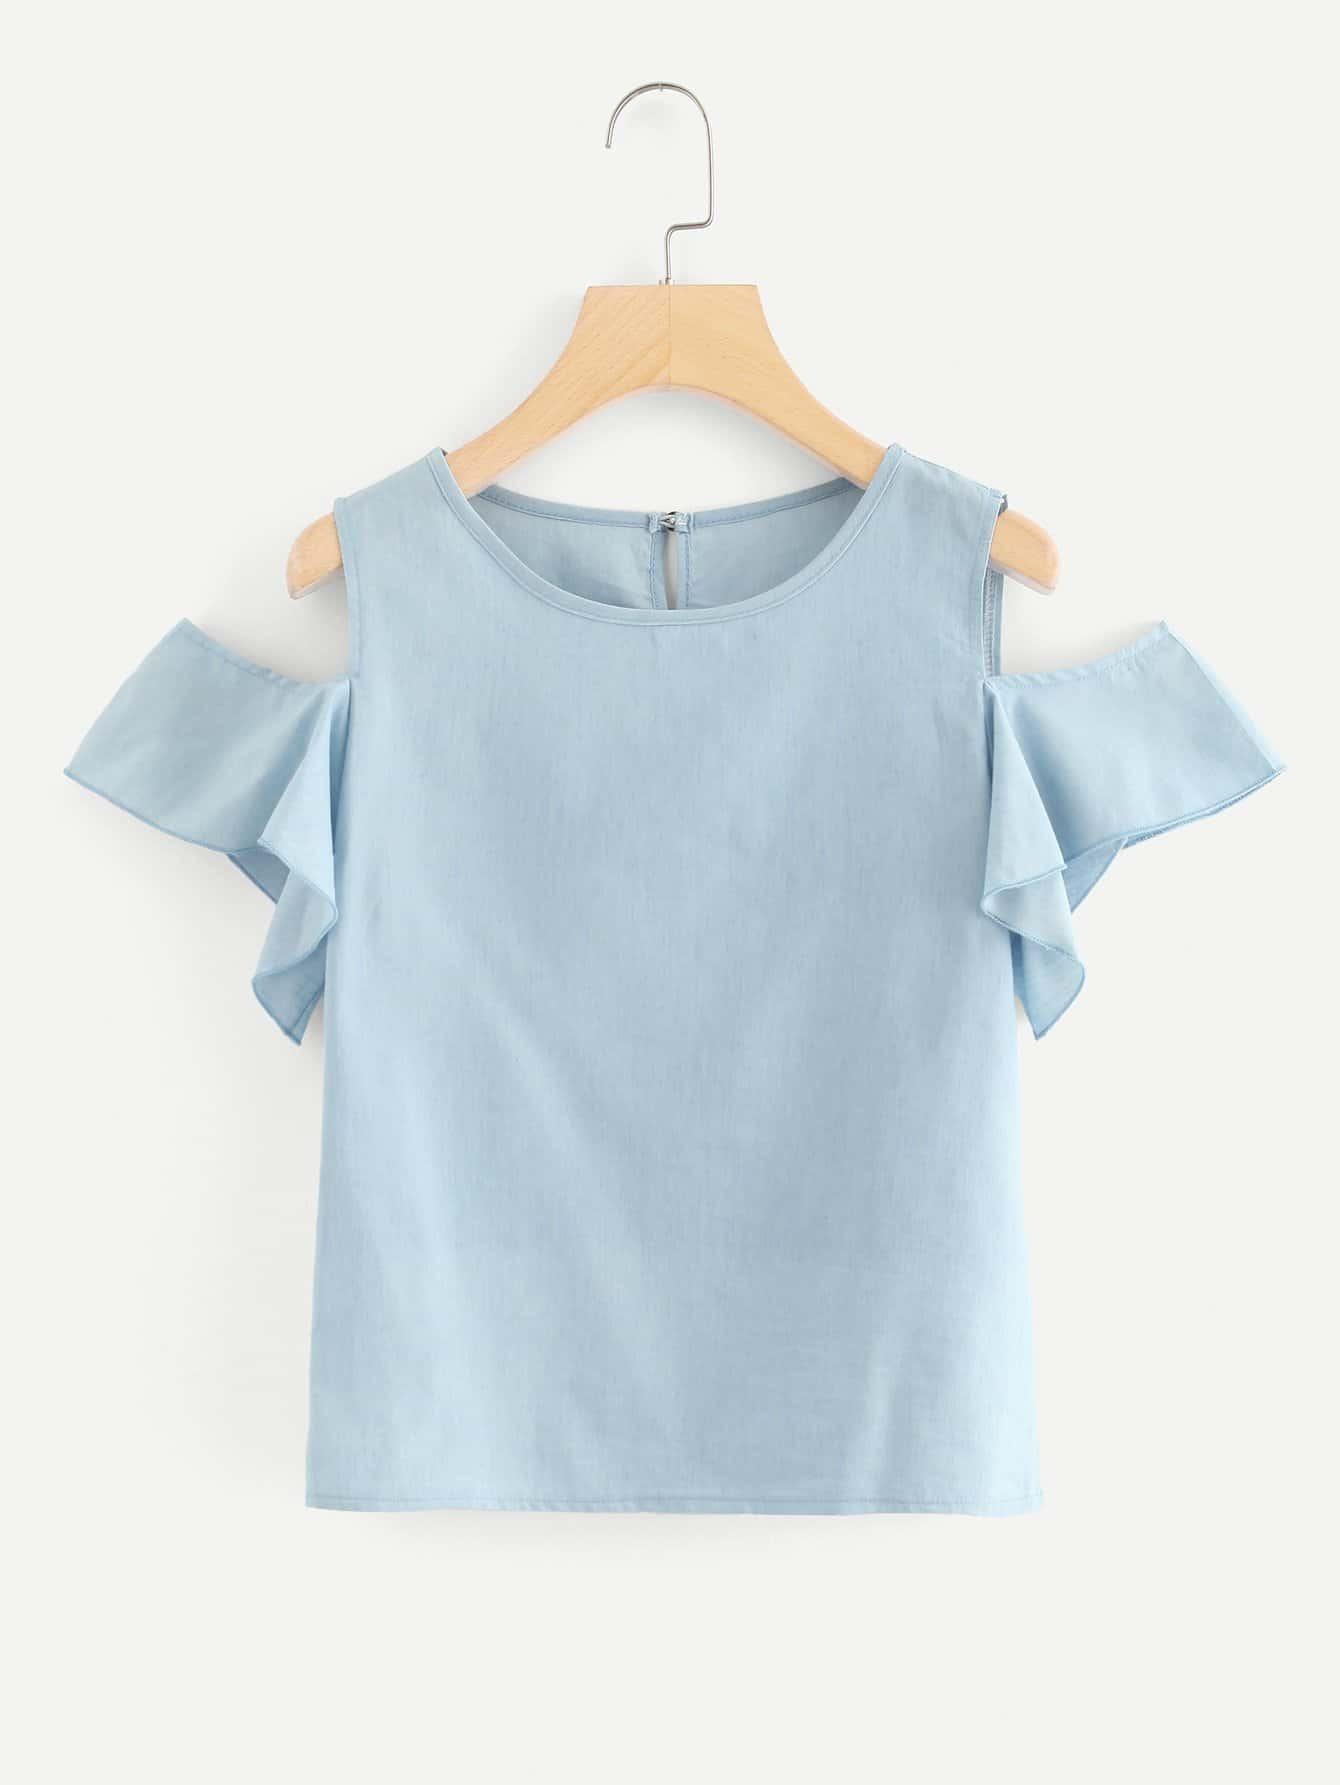 Джинсовая рубашка на бретелях и с украшением замочной скважины